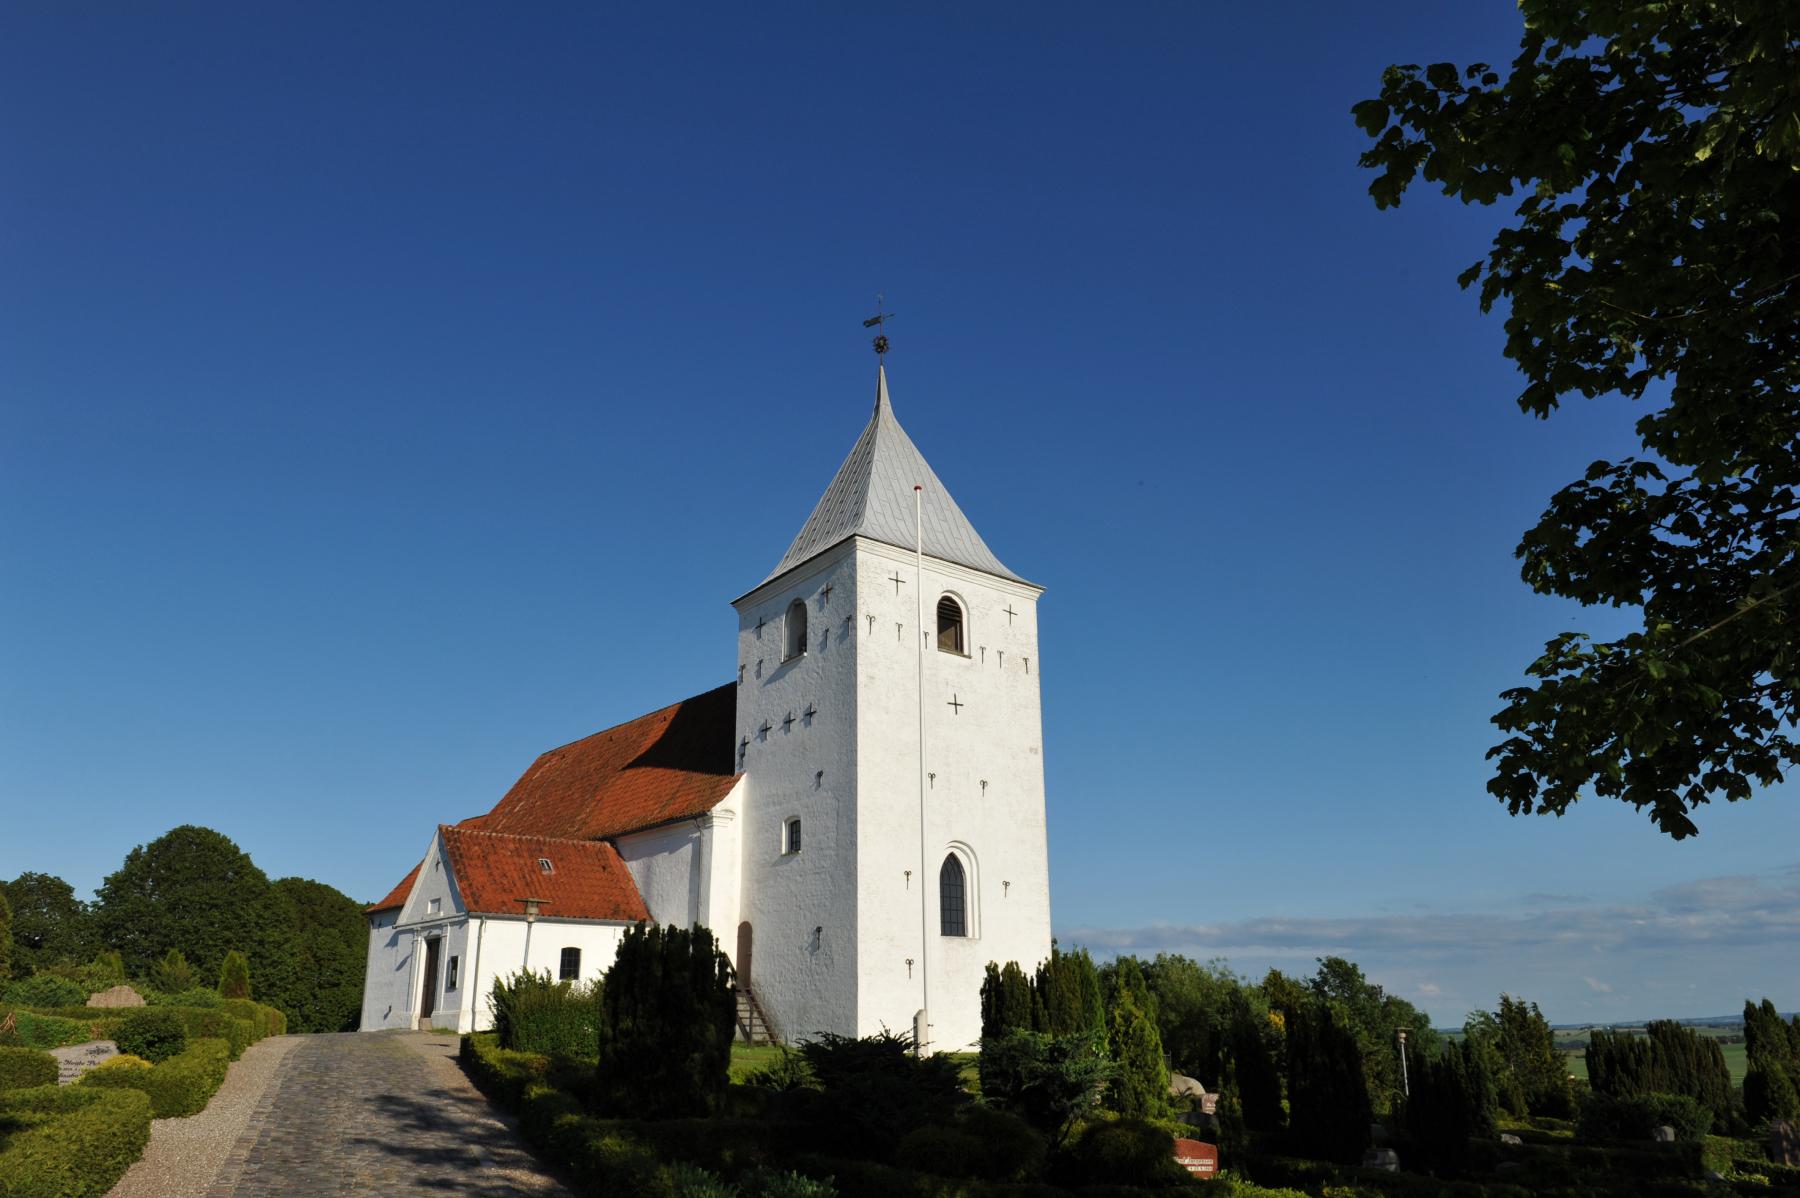 2012-06-19-Ovsted-K-DSC_7165